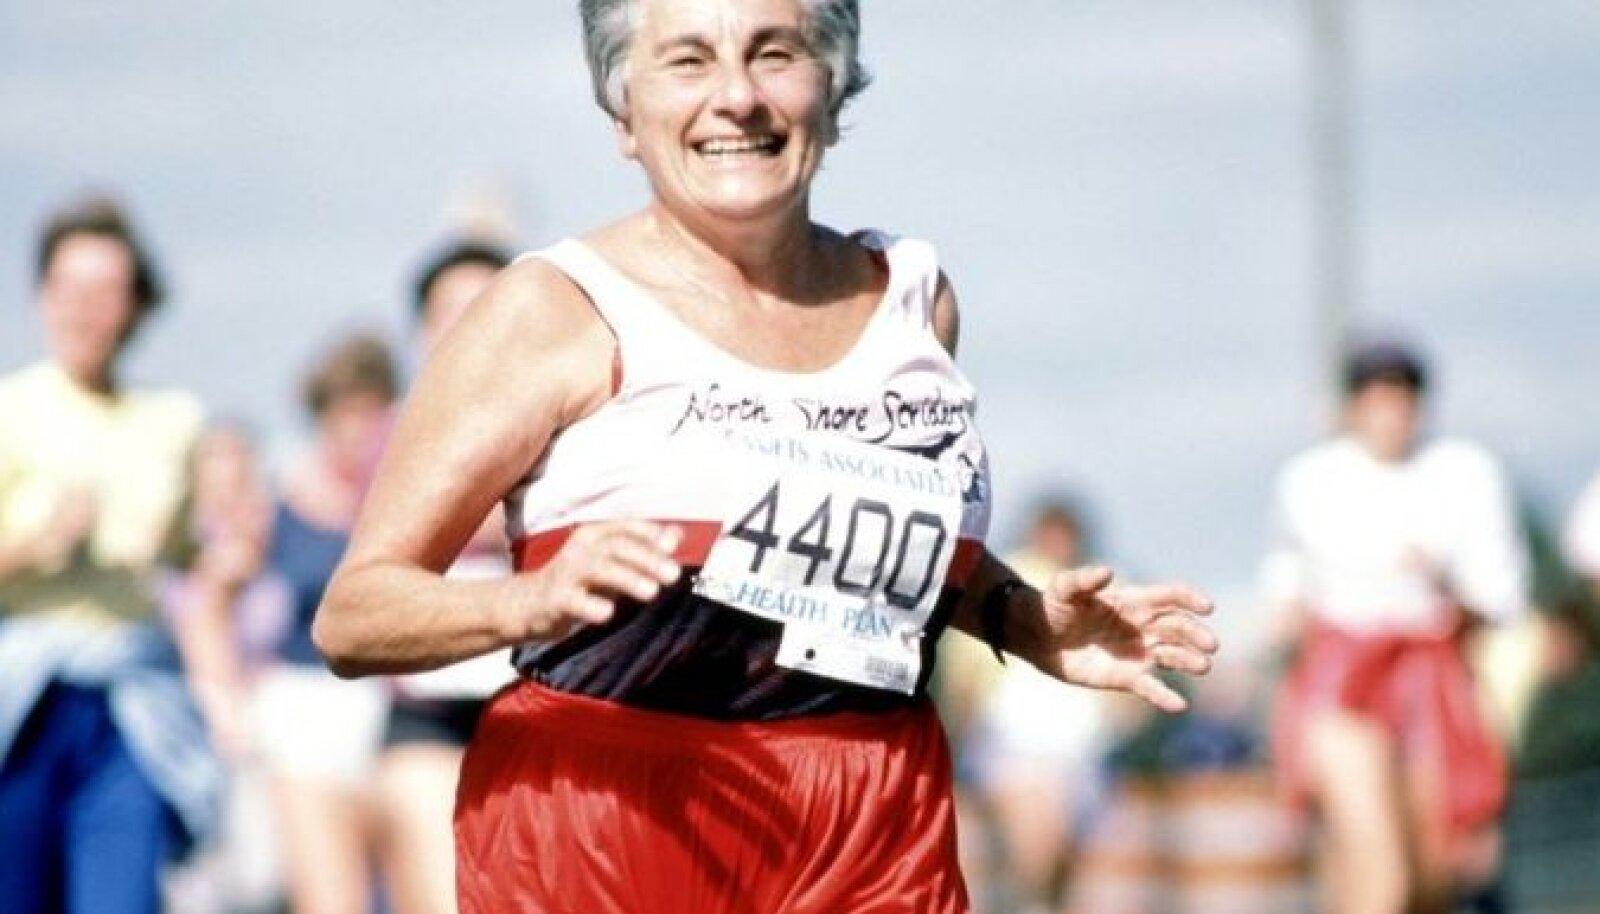 Стоит вам пробежать марафон хотя бы один раз - и ваша жизнь меняется навсегда